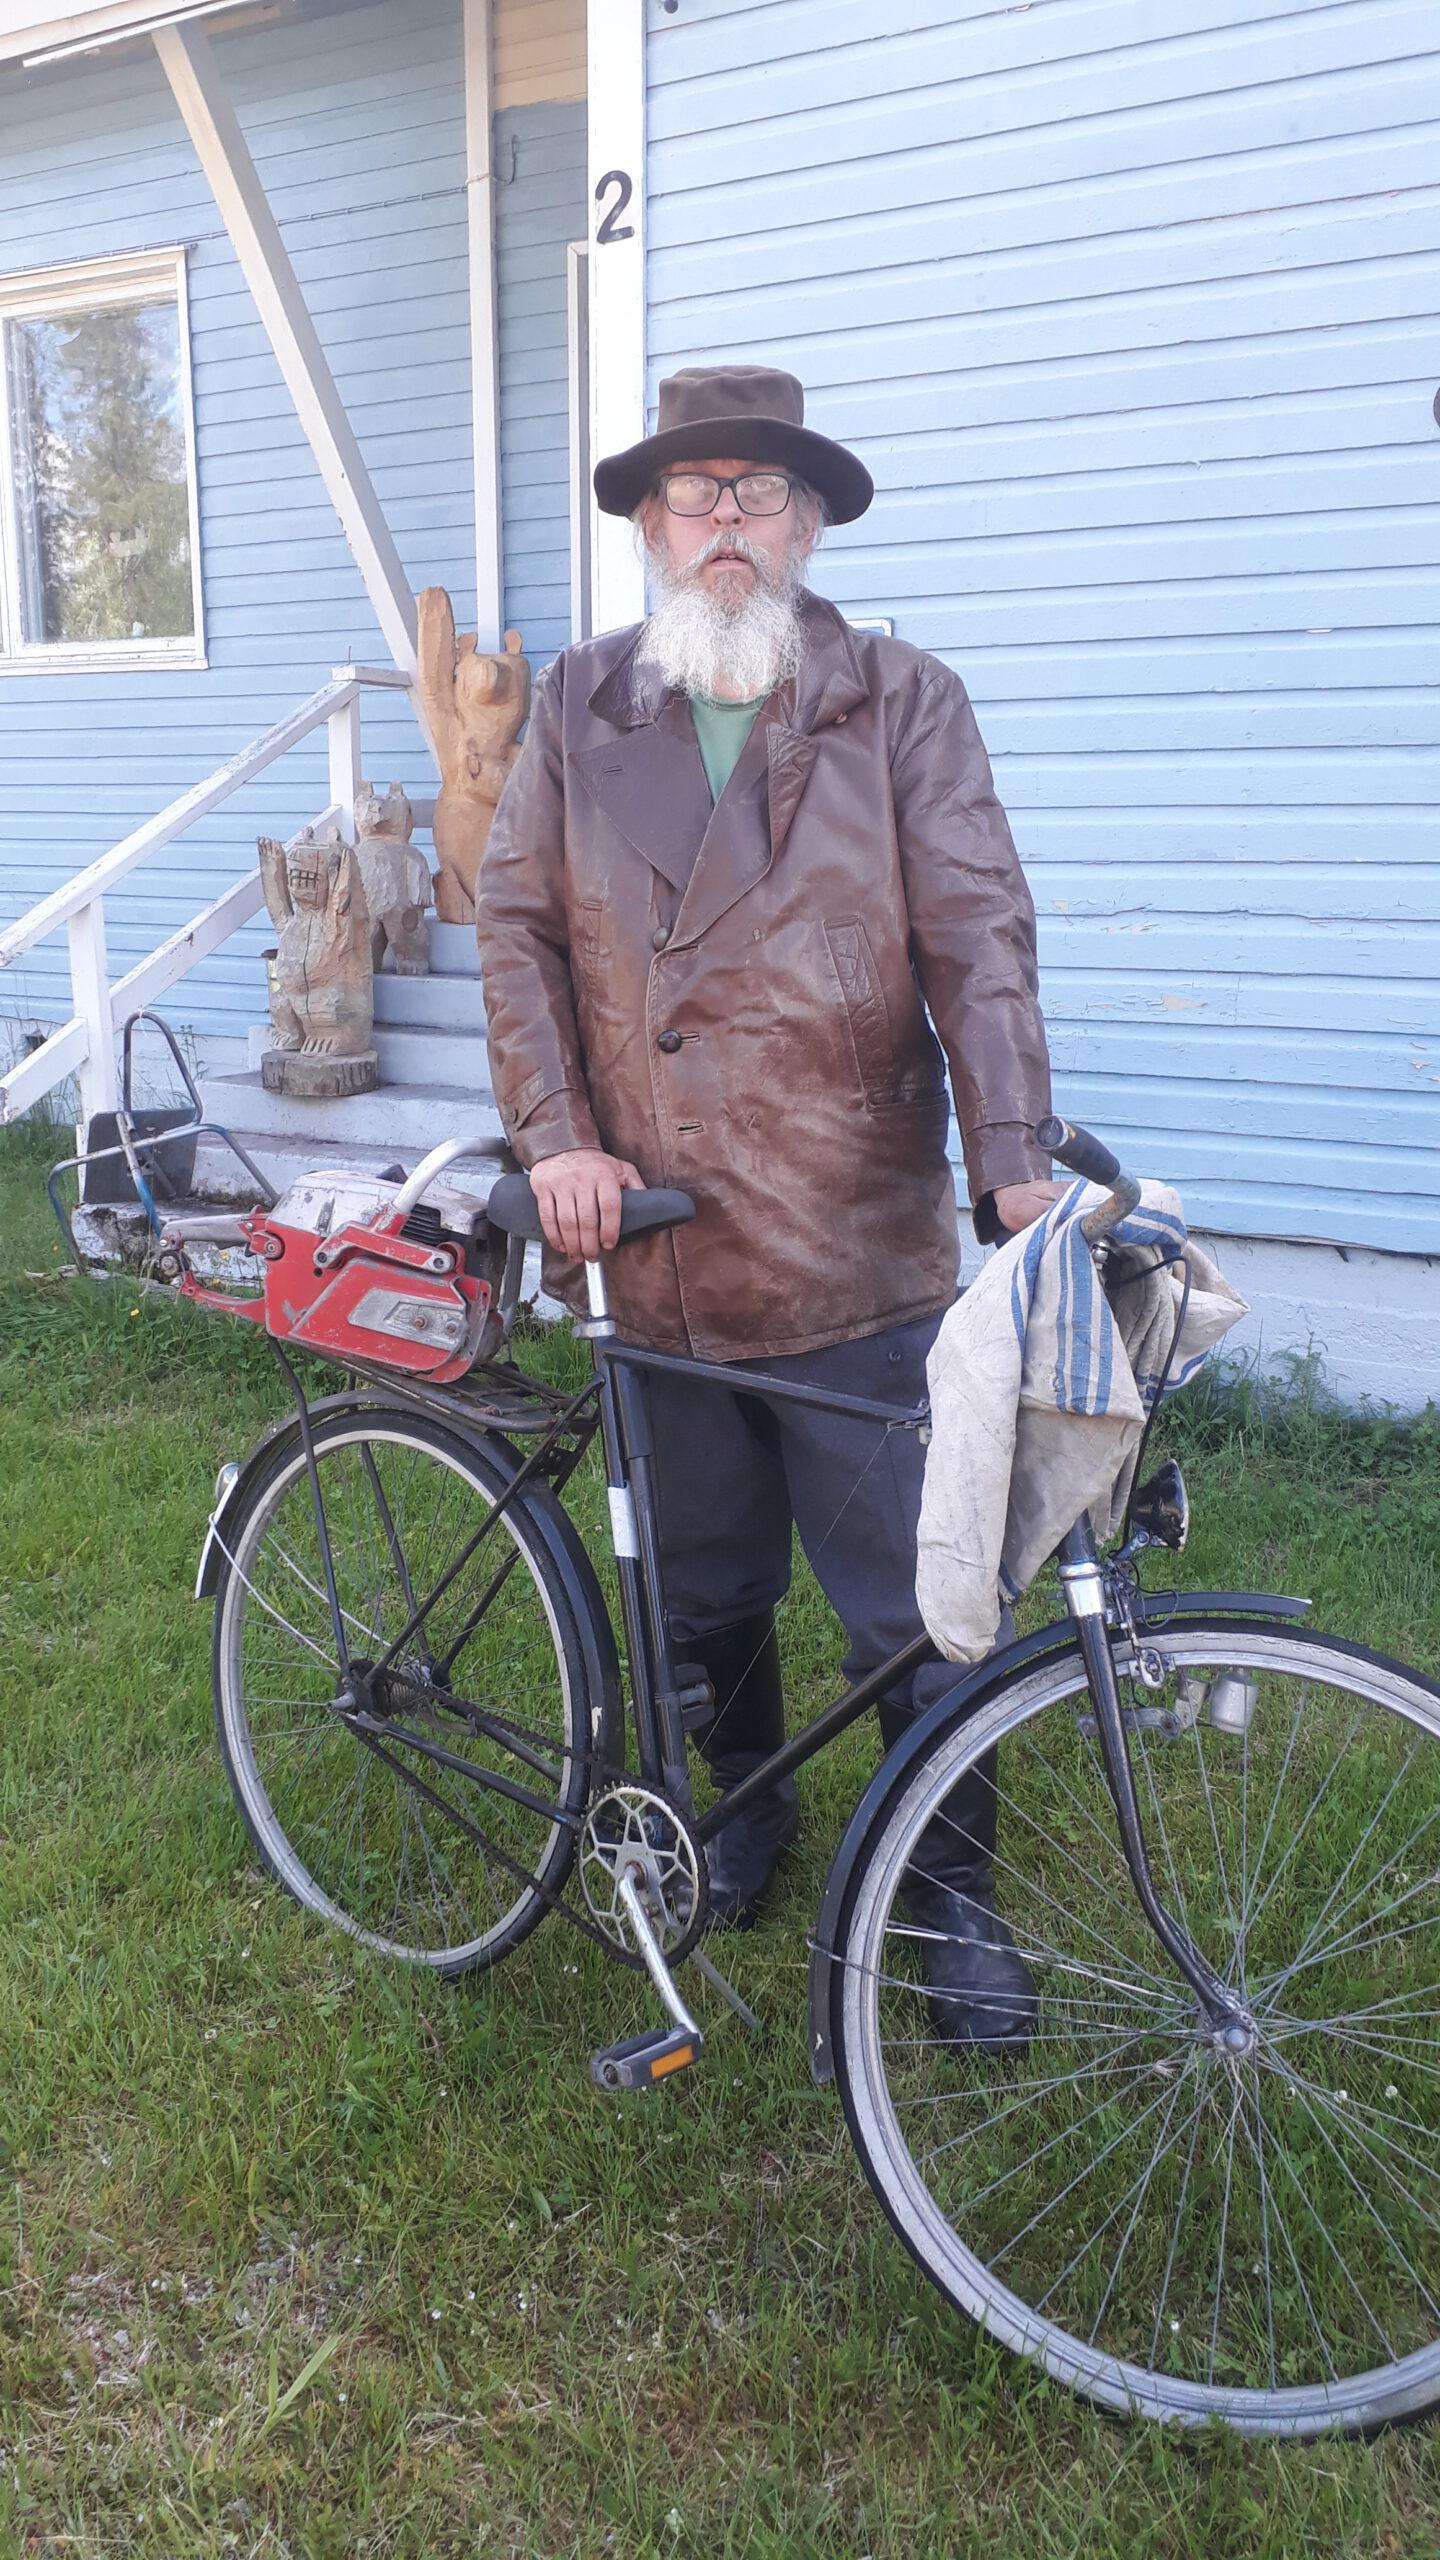 Ruskeaan nahkatakkiin ja lierihattuun pukeutunut mies katsoo kohti. Hänellä on pitkä harmaa parta. Hän seisoo talon edessä polkupyörään nojaten. Takana näkyy puuveistoksia talon portailla.